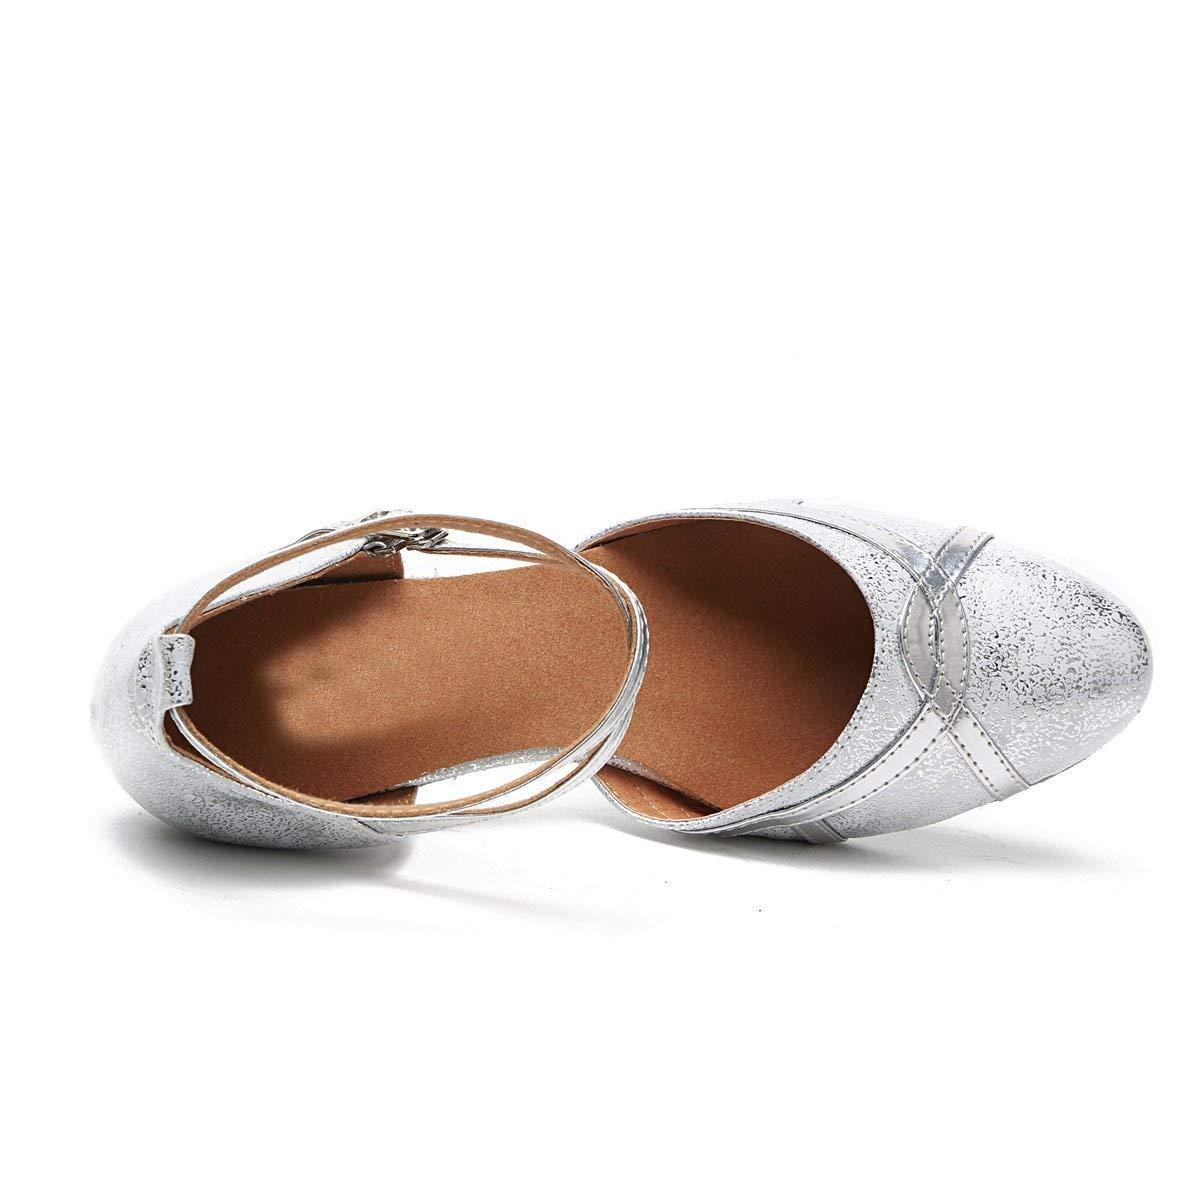 Fuxitoggo Frauen 2,5 Heel Silber Synthetische Latin Latin Latin Salsa Tanzschuhe Hochzeit Pumps UK 6,5 (Farbe   -, Größe   -) 34597a